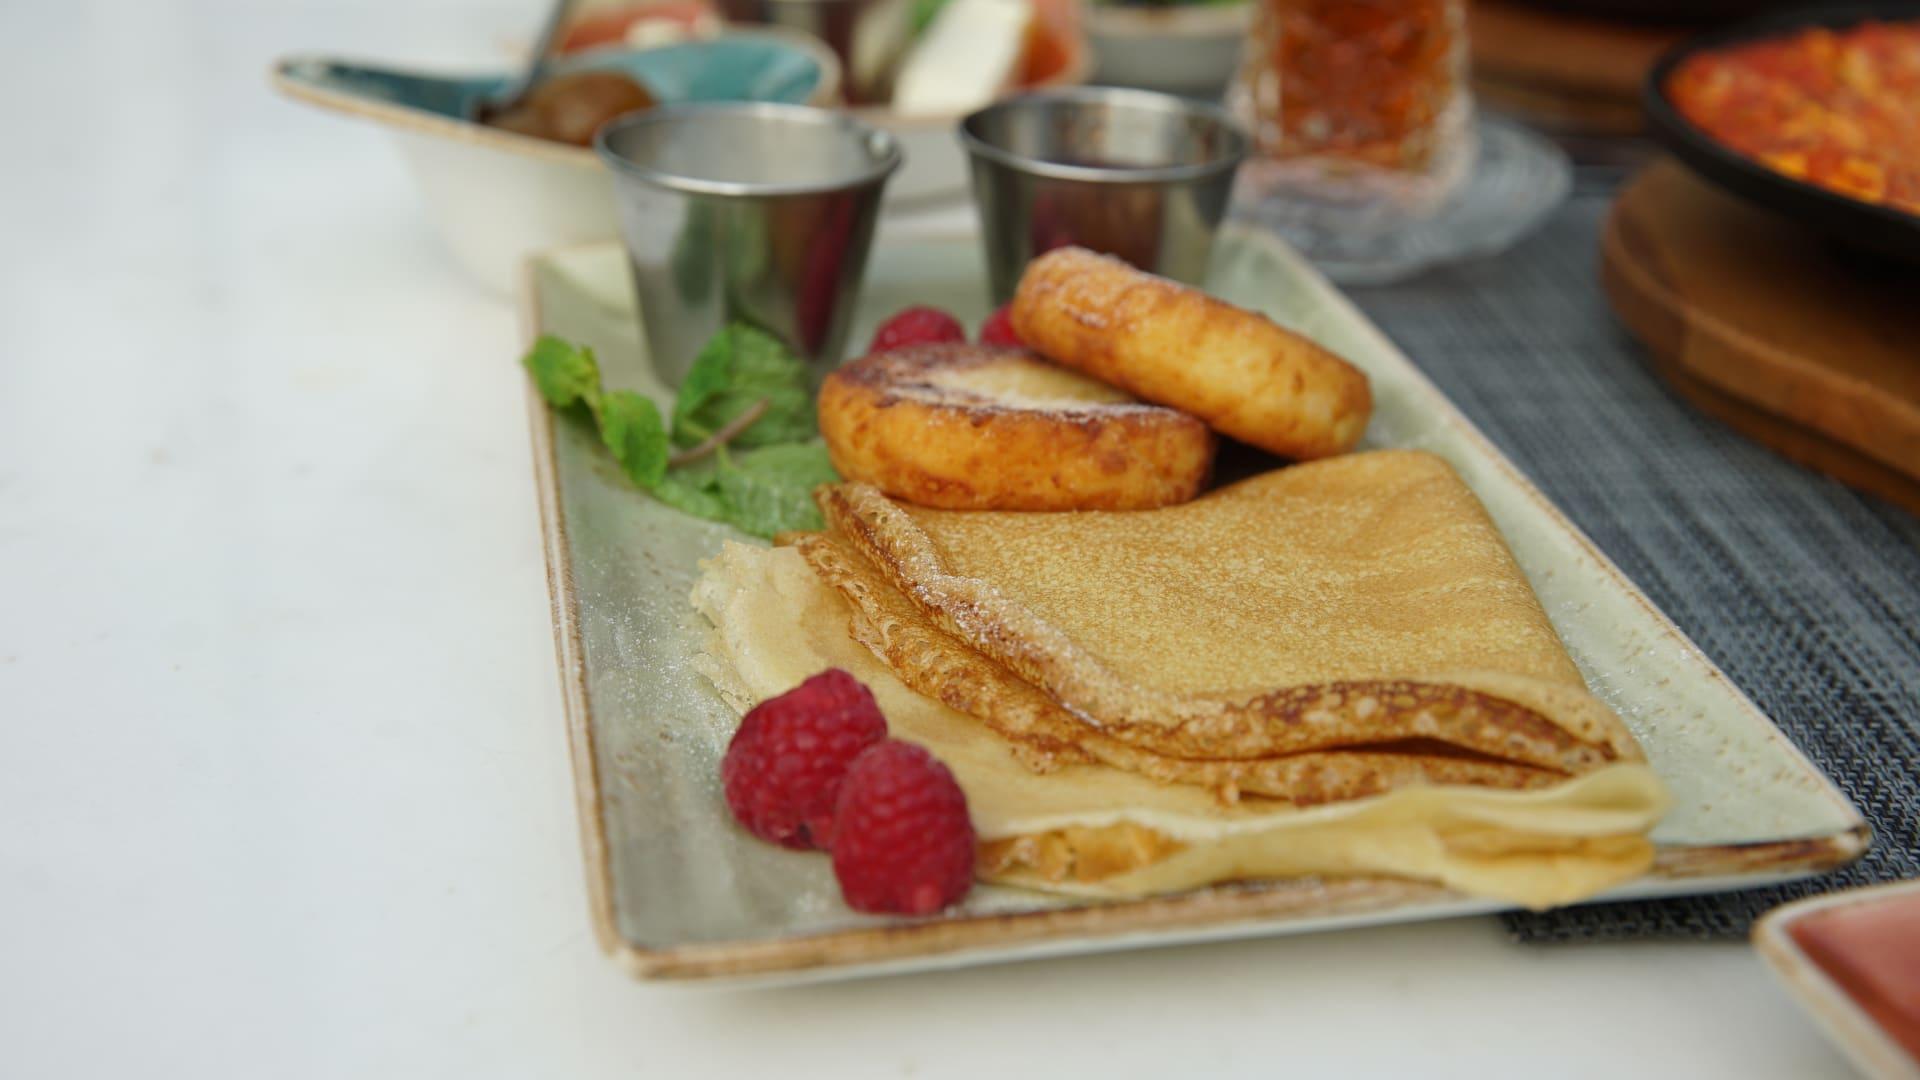 تتكون من أكثر من 10 أطباق.. إليك وجبة إفطار على الطريقة الأذربيجانية